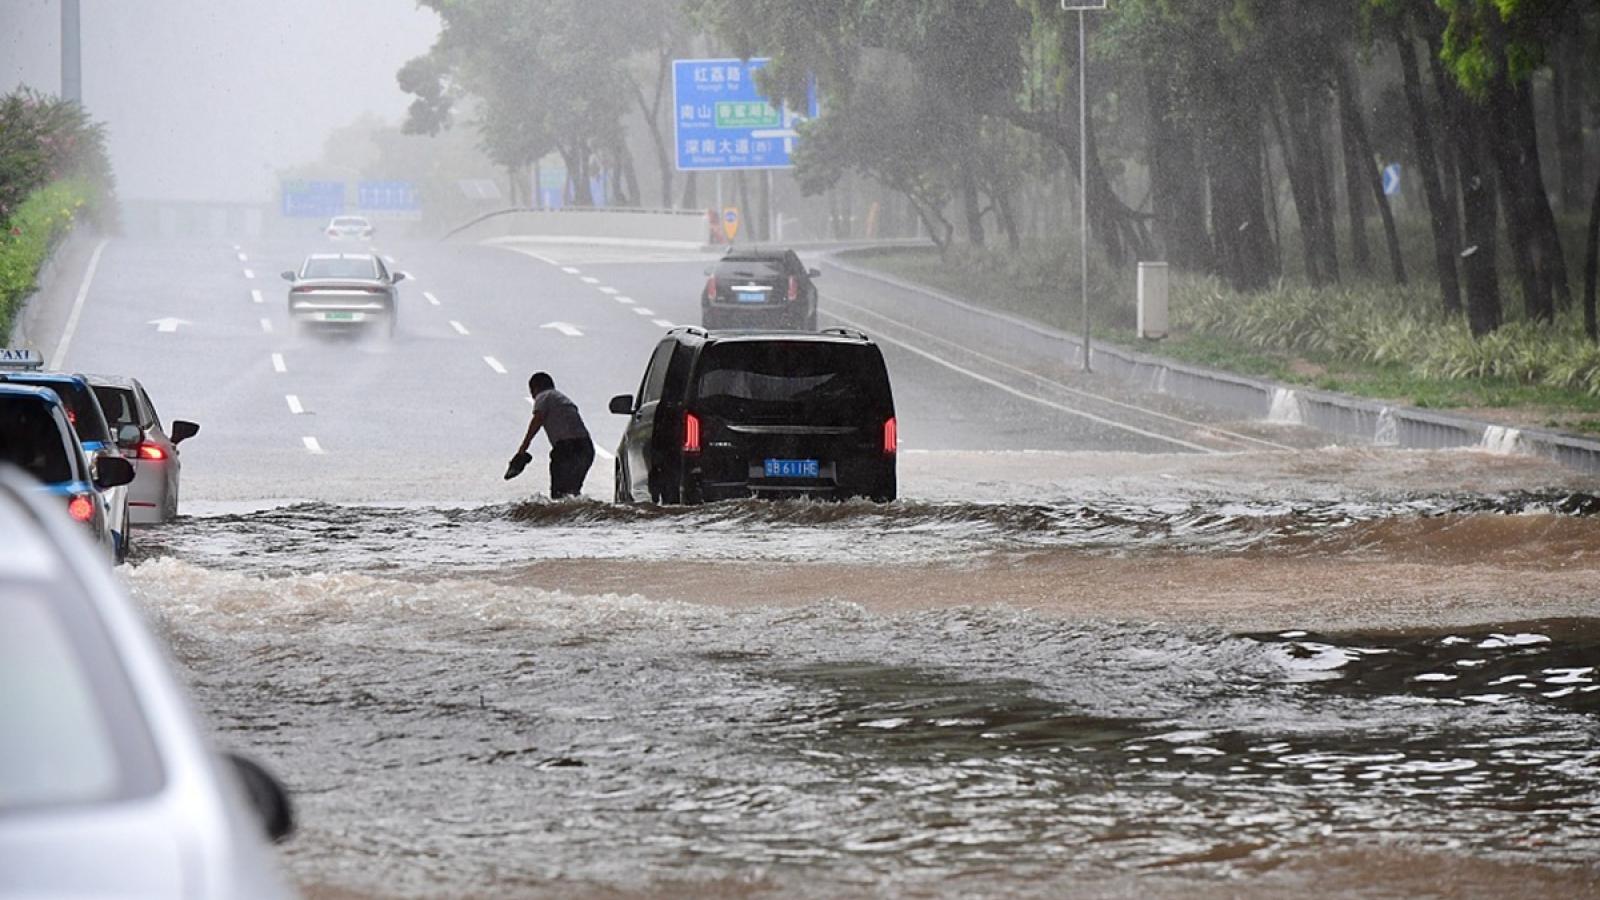 Quảng Đông (Trung Quốc) phát đi 50 cảnh báo vì bão kép